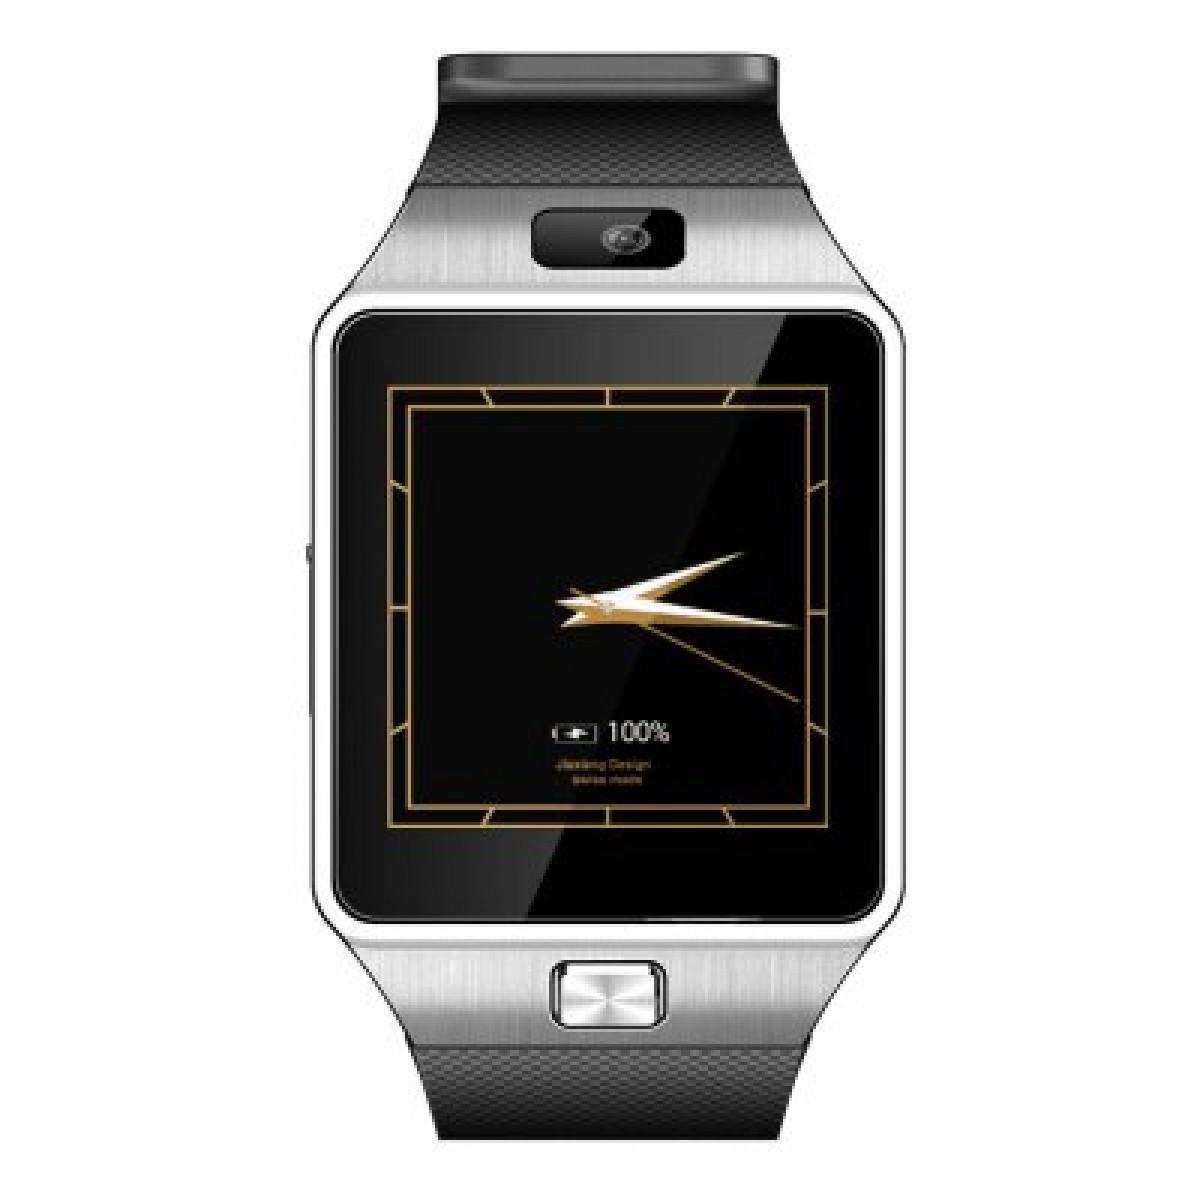 QW09+ CZ/SK, Dual-core hodinky s telefonem v češtině a slovenštině, WIFI, šedo-stříbrná